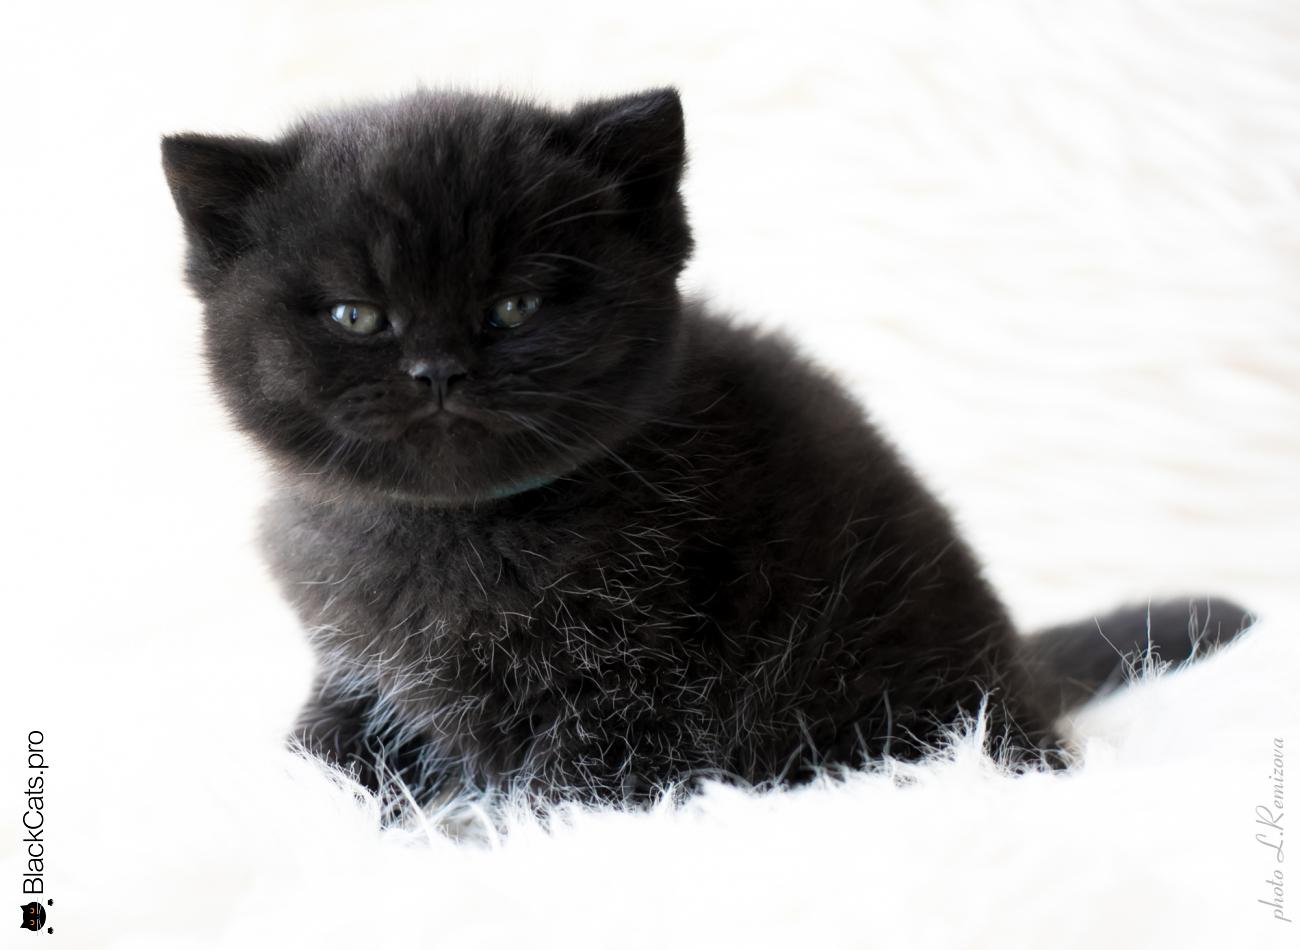 Черный Британский кот. Питомник Jetstone